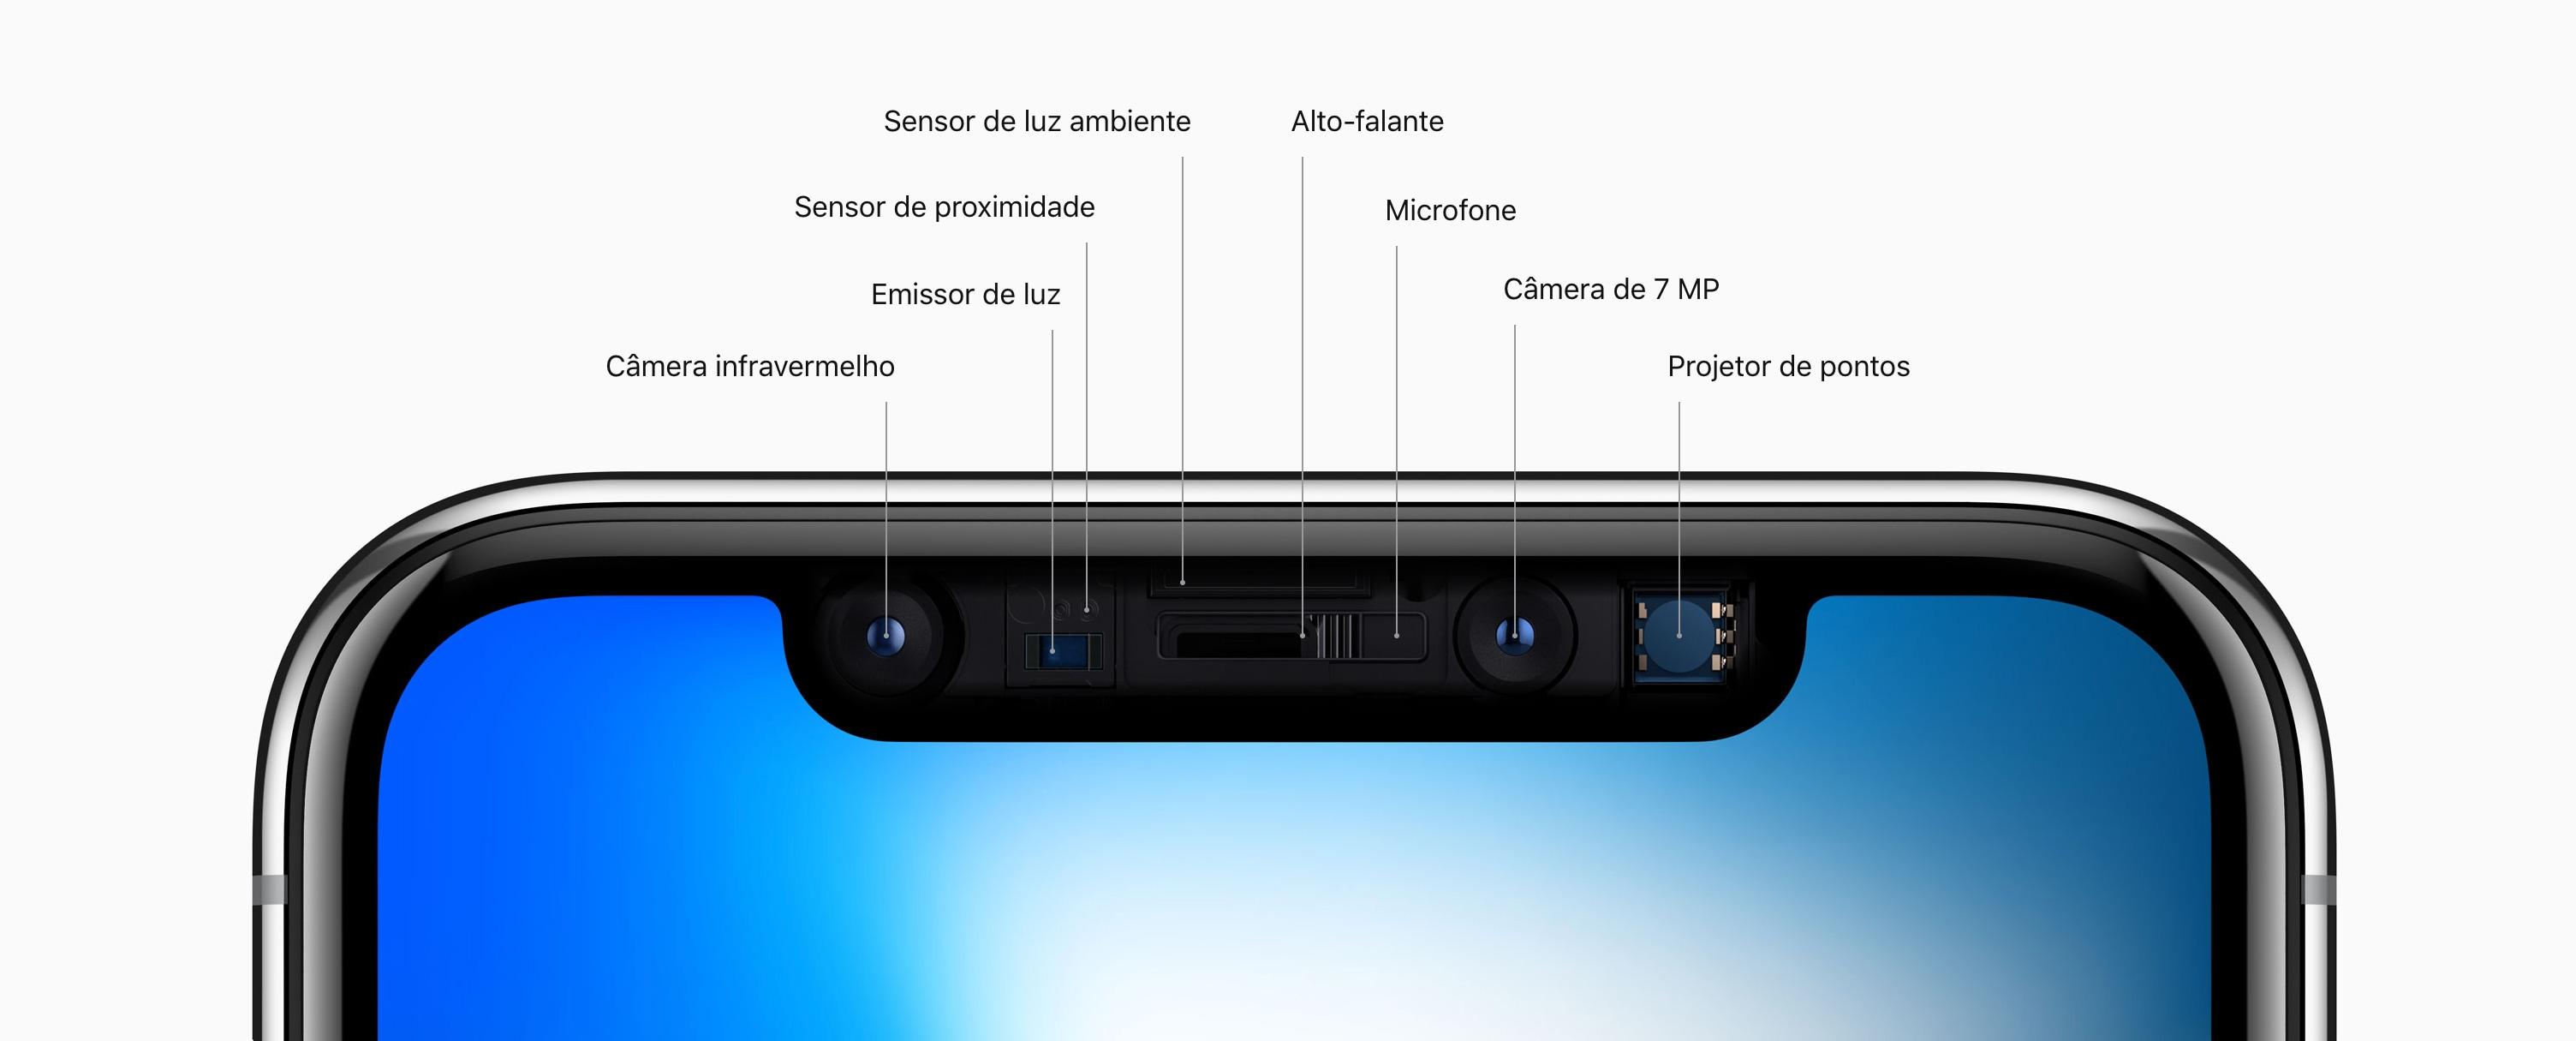 Sistema TrueDepth com todos os componentes frontais do notch do iPhone X